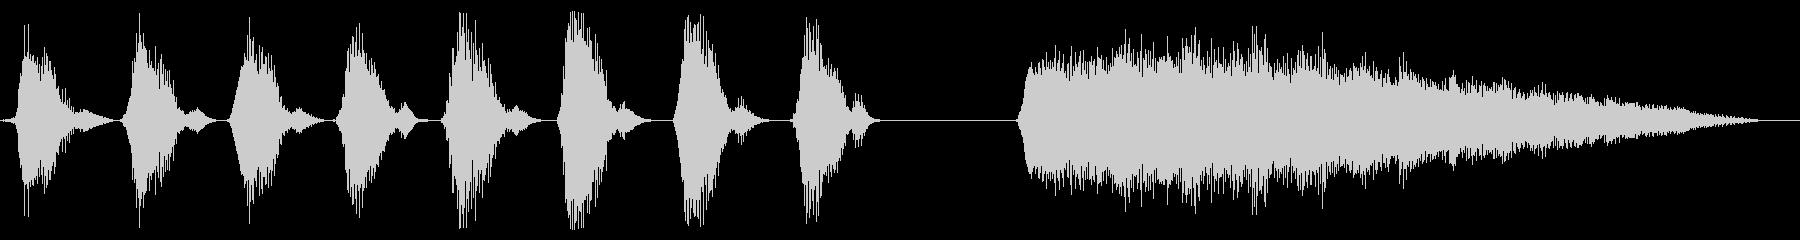 楽しげな鍵盤ハーモニカのジングルの未再生の波形